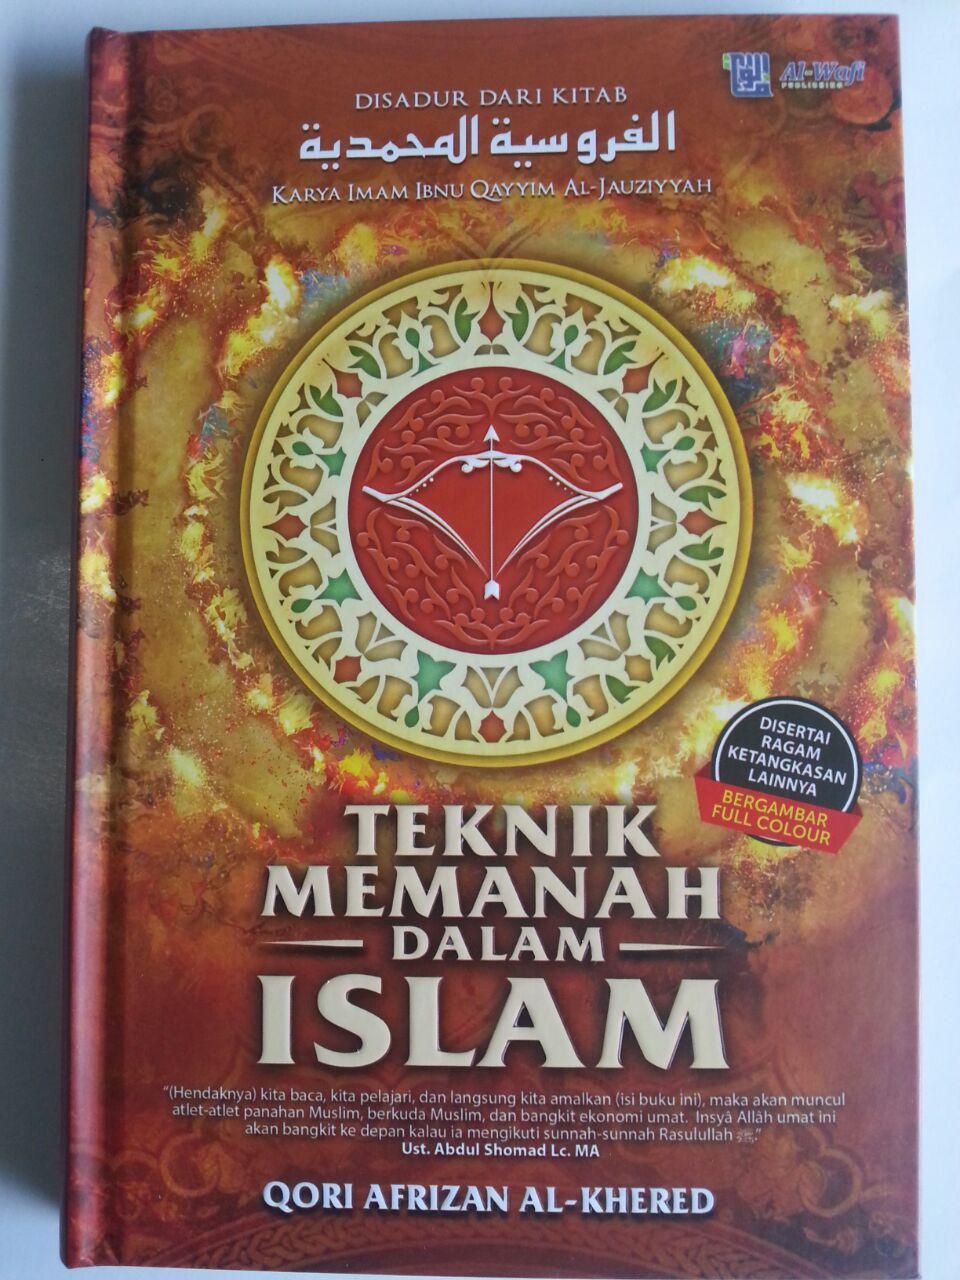 Buku Teknik Memanah Dalam Islam Dan Ketangkasan Lain Bergambar cover 2